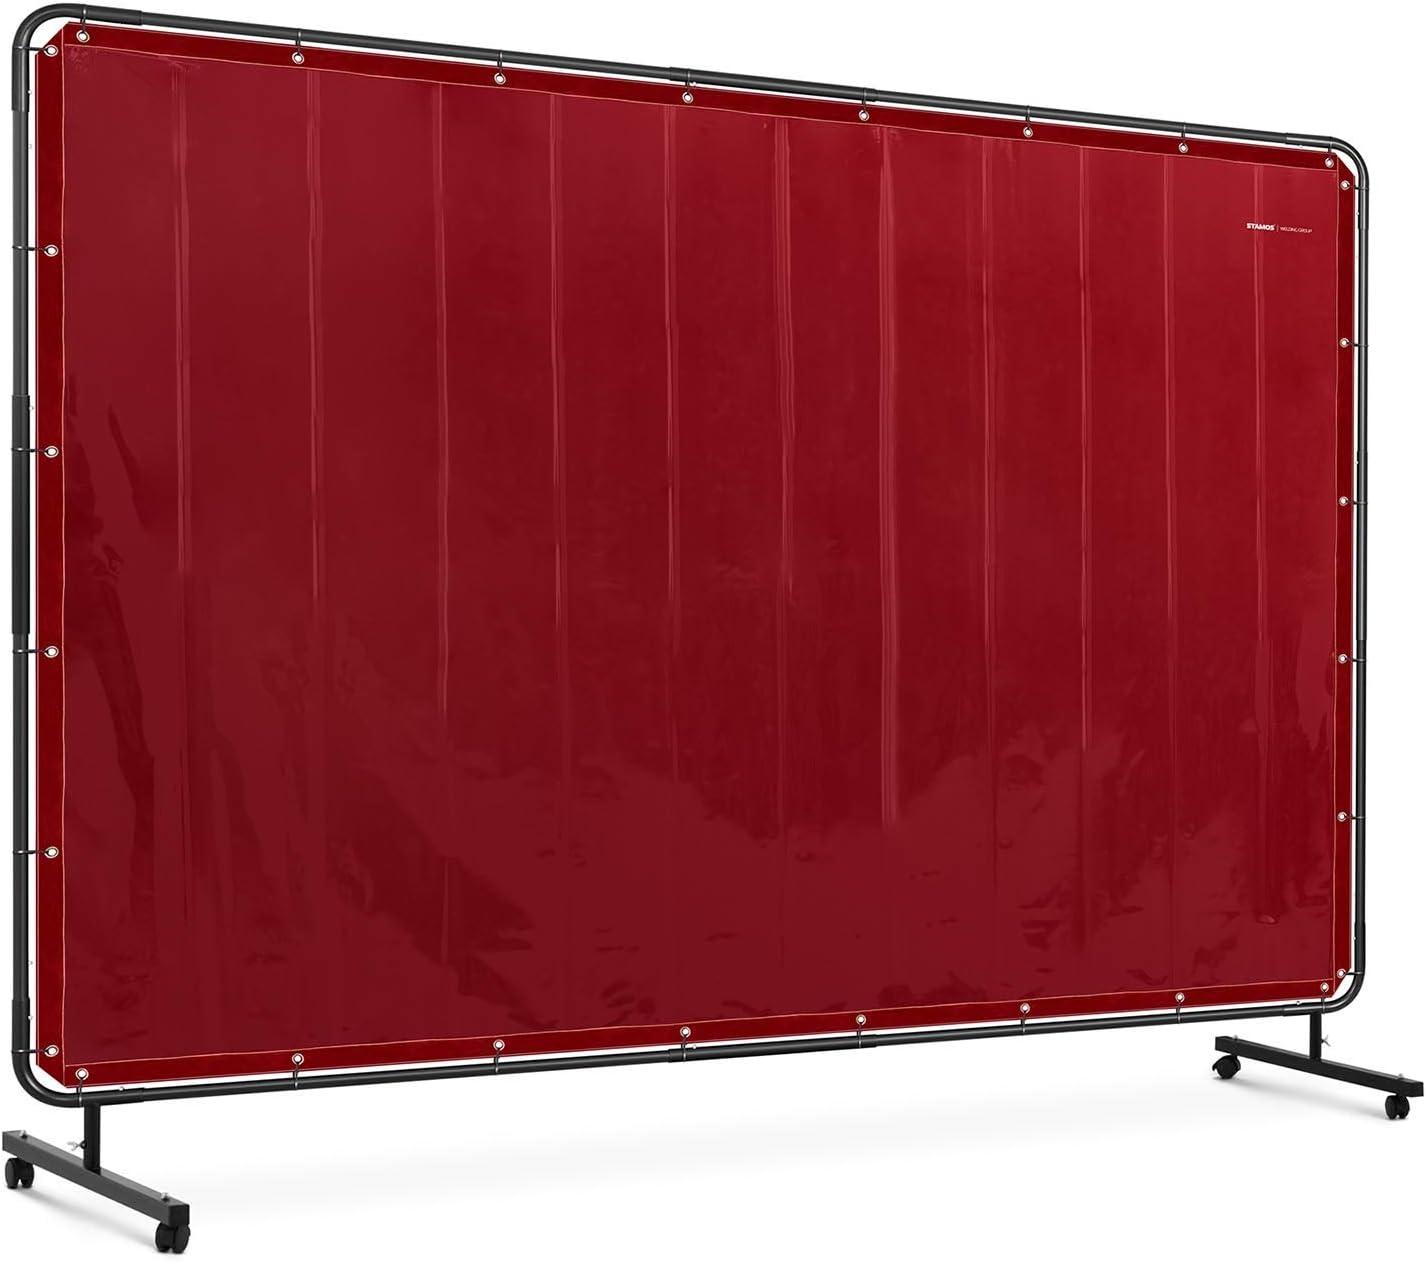 Stamos Welding Group SWS04 Schwei/ßschutzwand 239 x 196 cm Schwei/ßschutz feuerhemmend Vinyl-Kunststoff Kevlar-F/äden